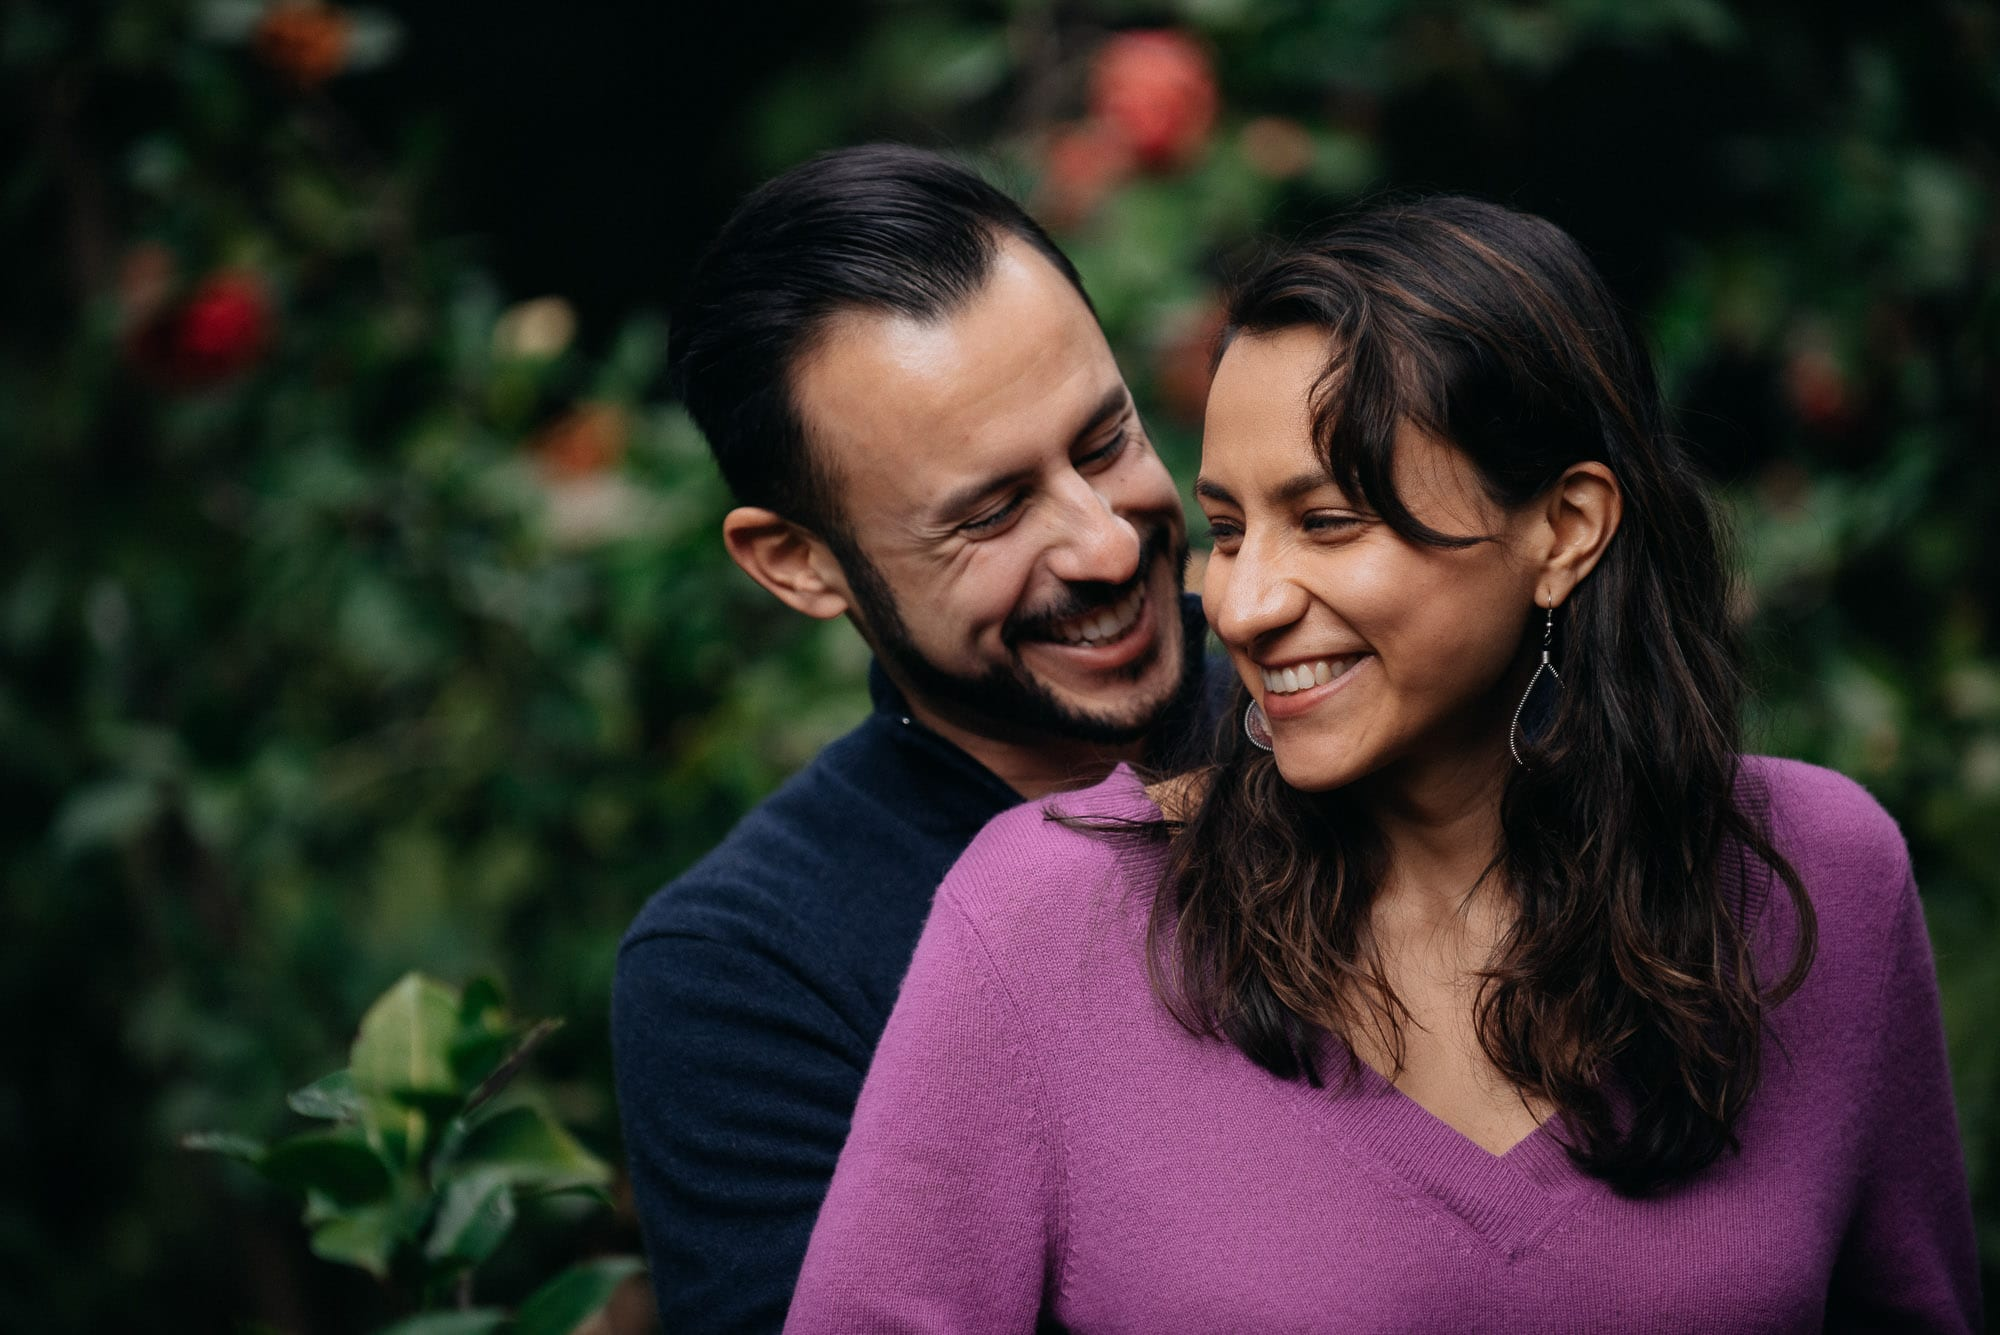 Descanso Gardens Engagement Photos